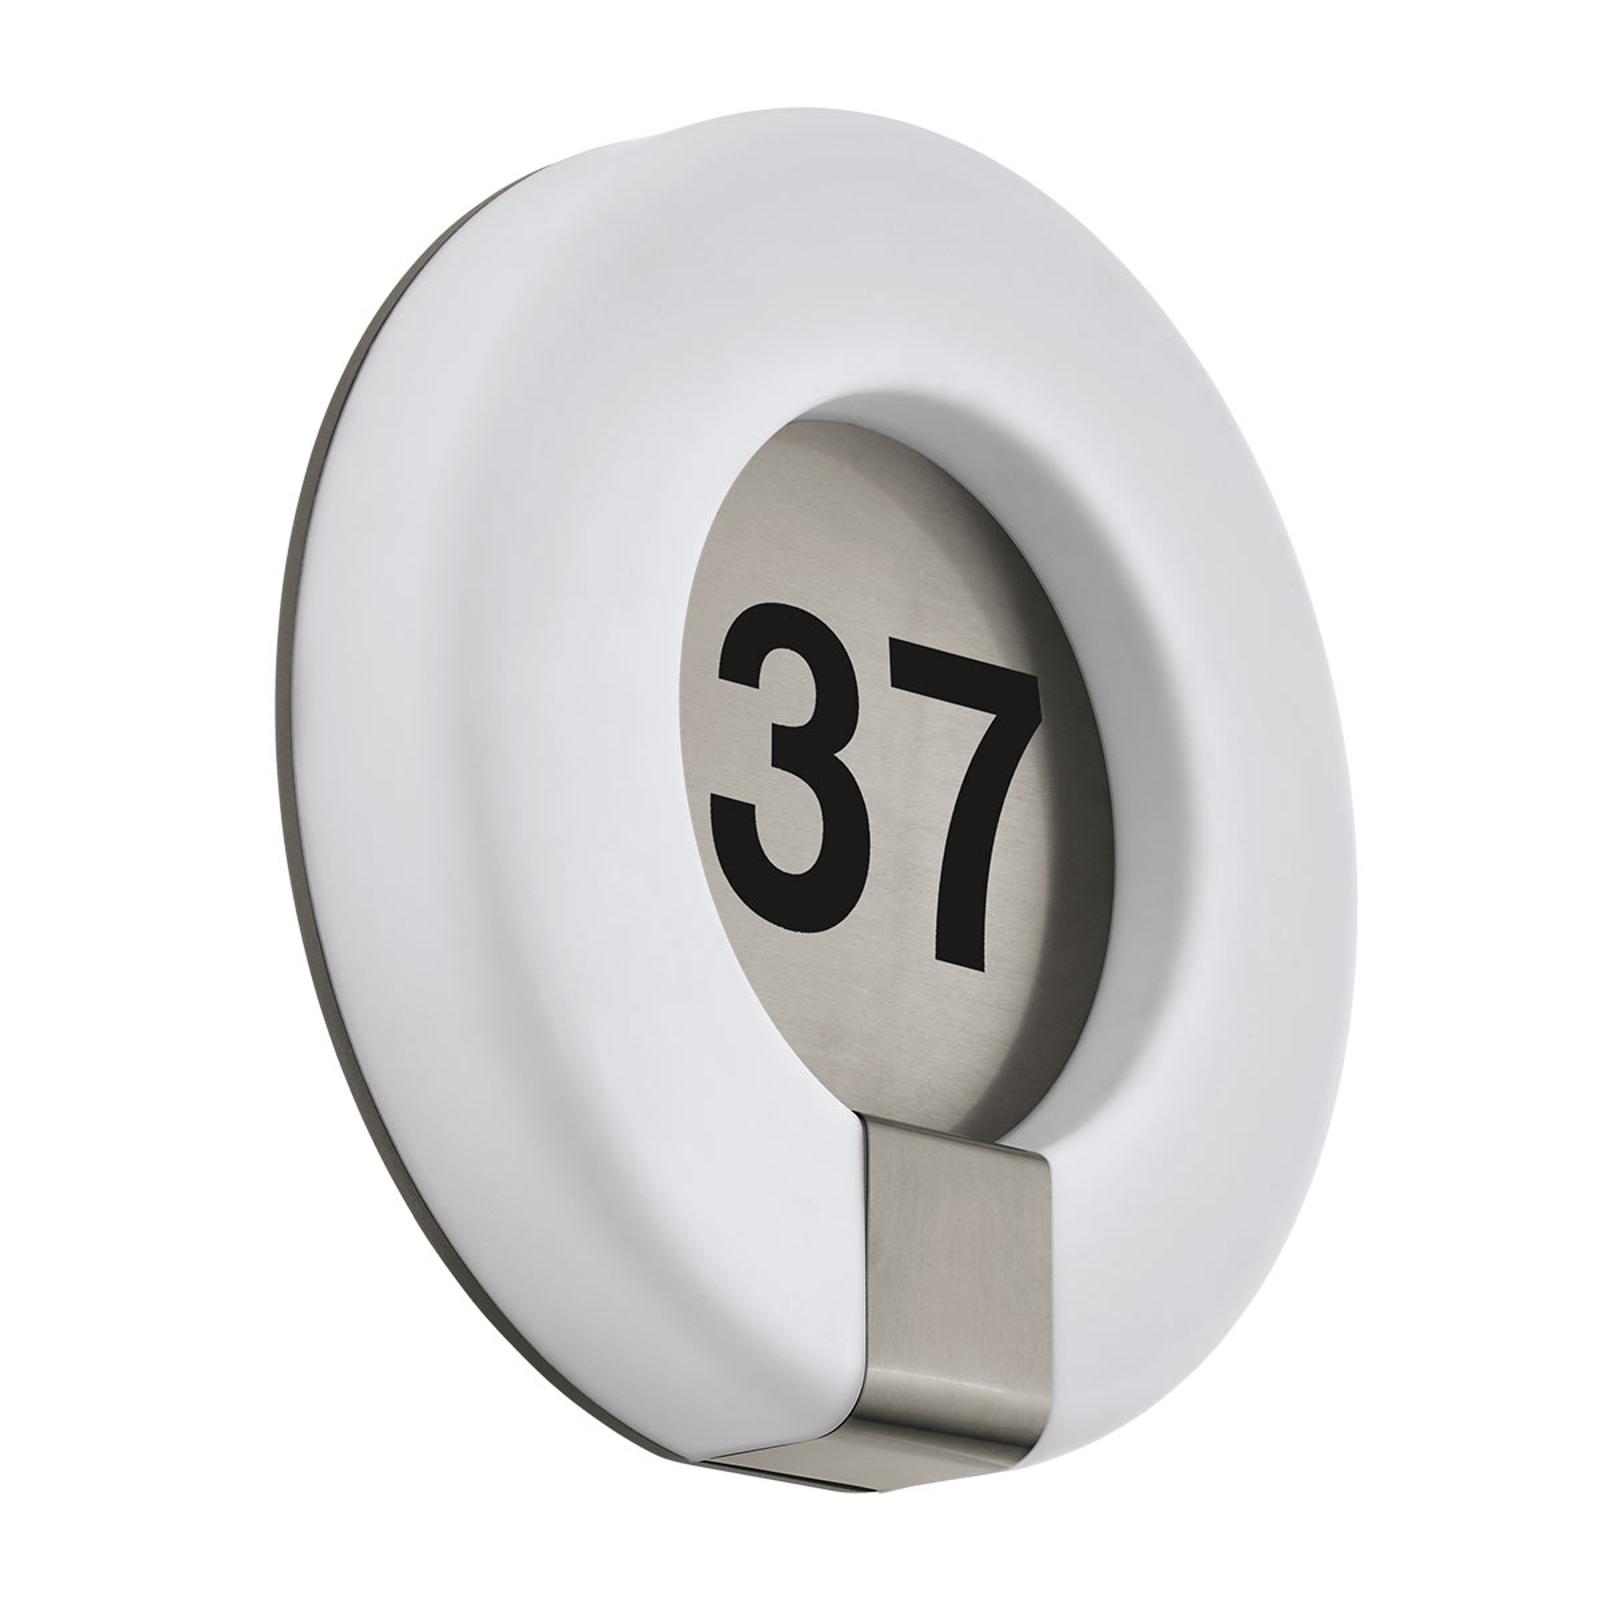 EGLO connect Marchesa-C applique ext numéro maison